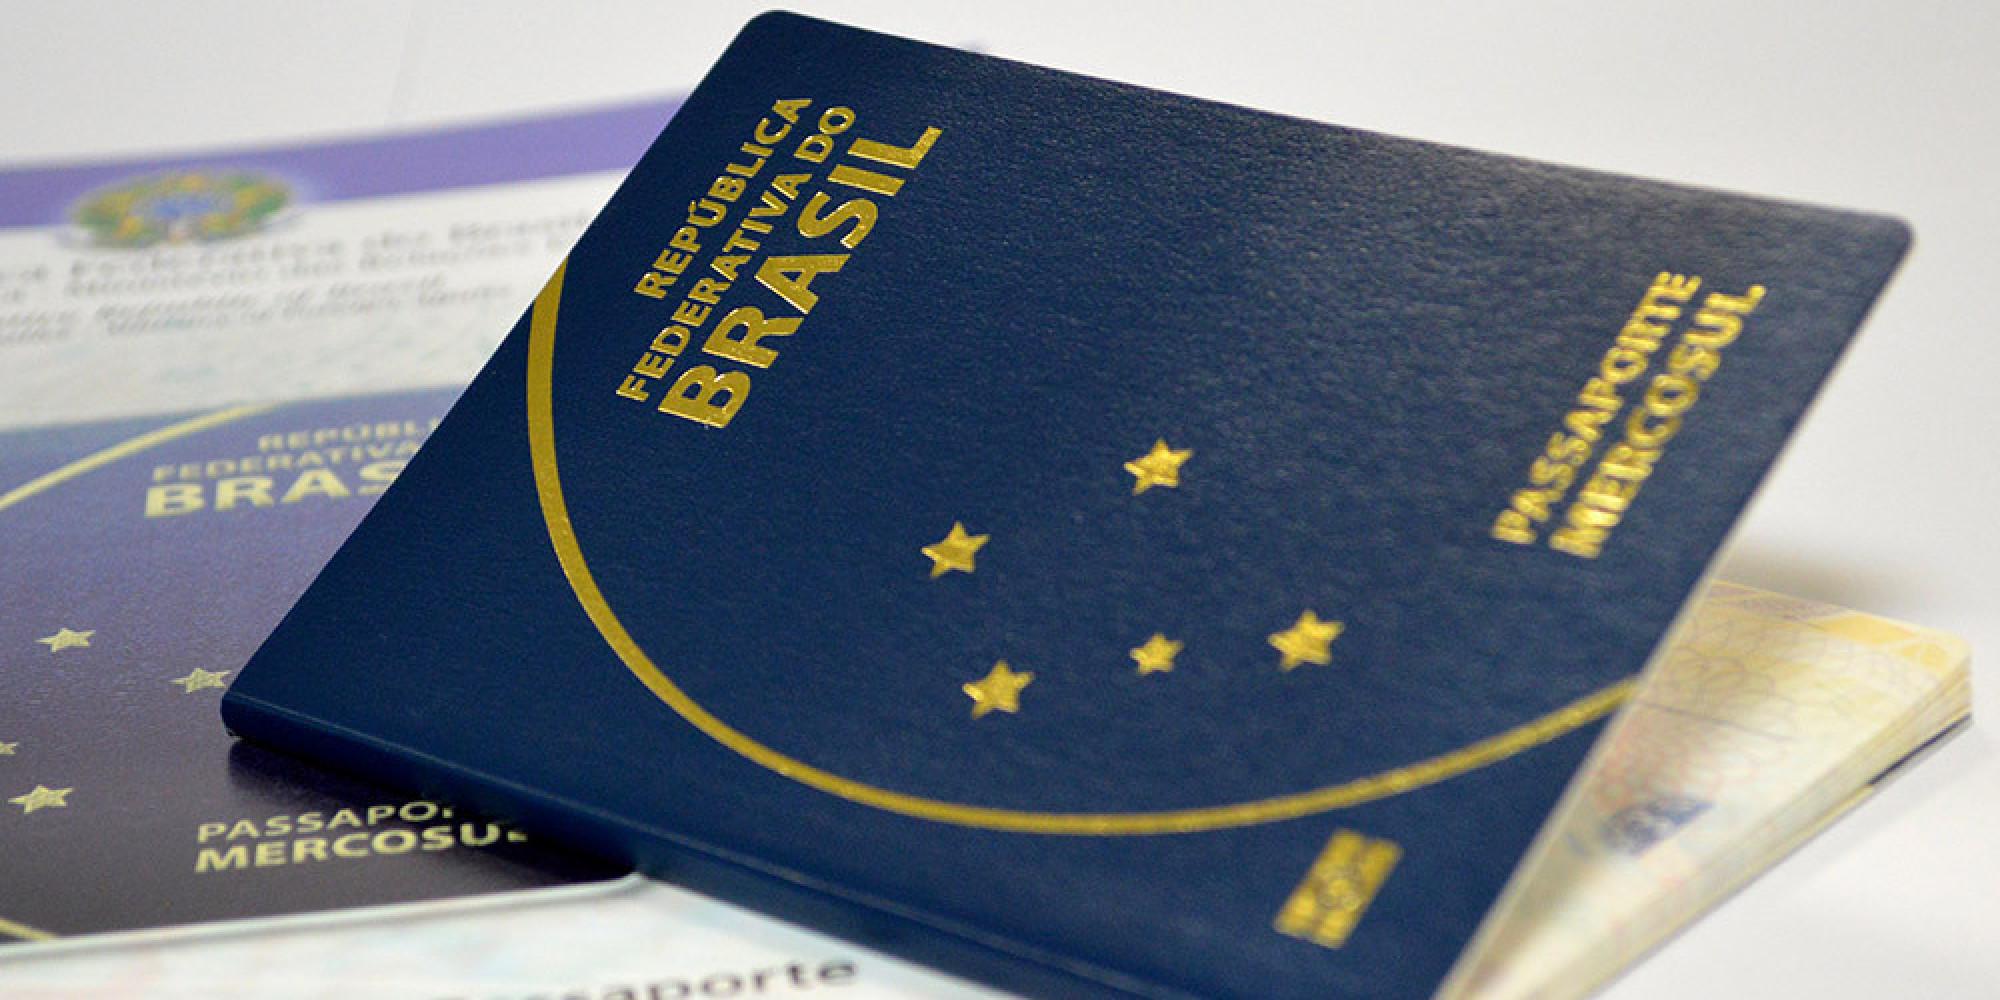 Passaporte brasileiro Mercosul